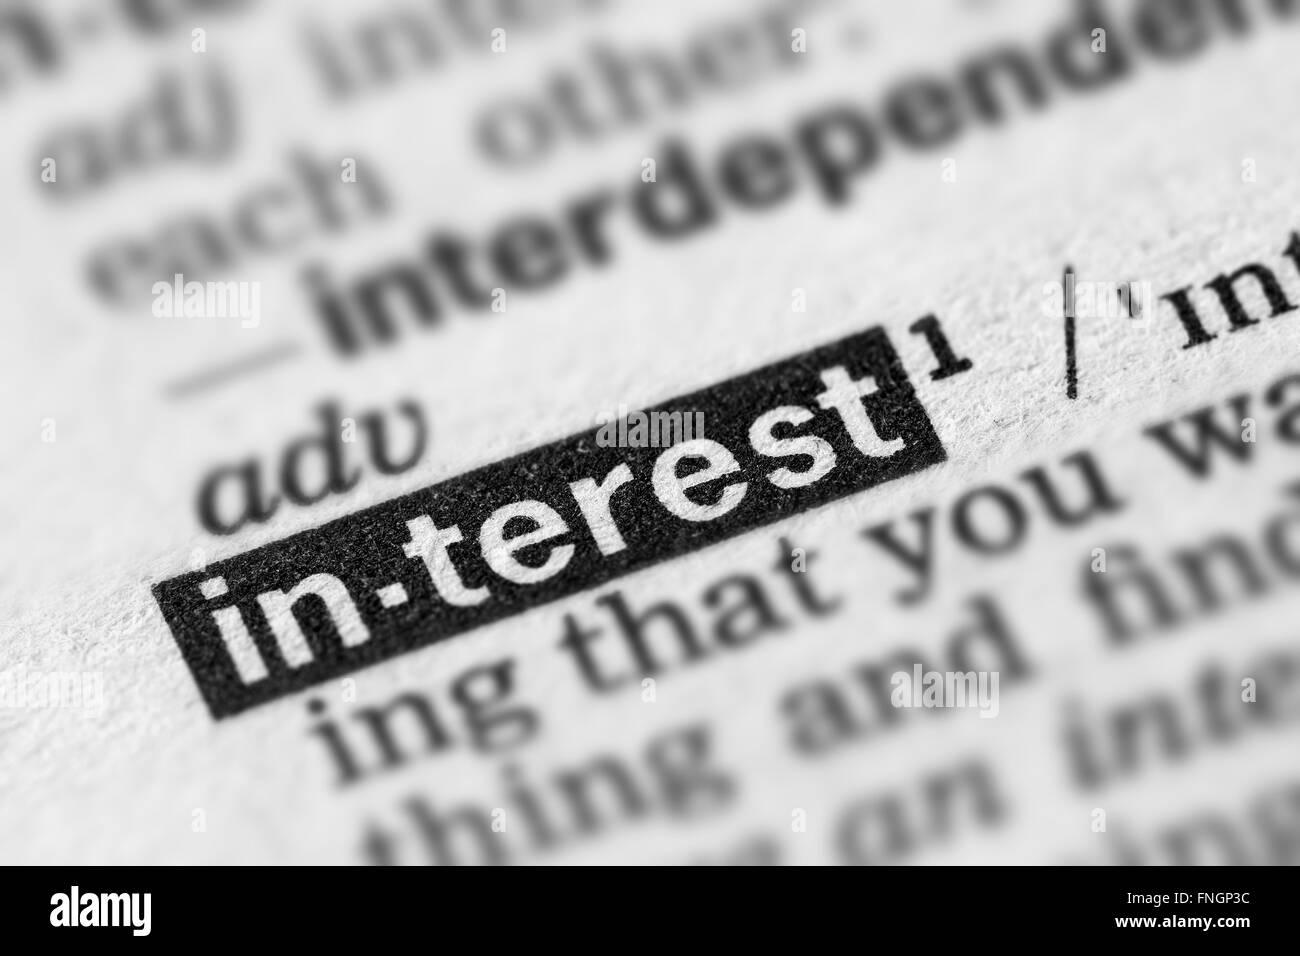 Definizione di interesse parola testo nella pagina del dizionario Immagini Stock